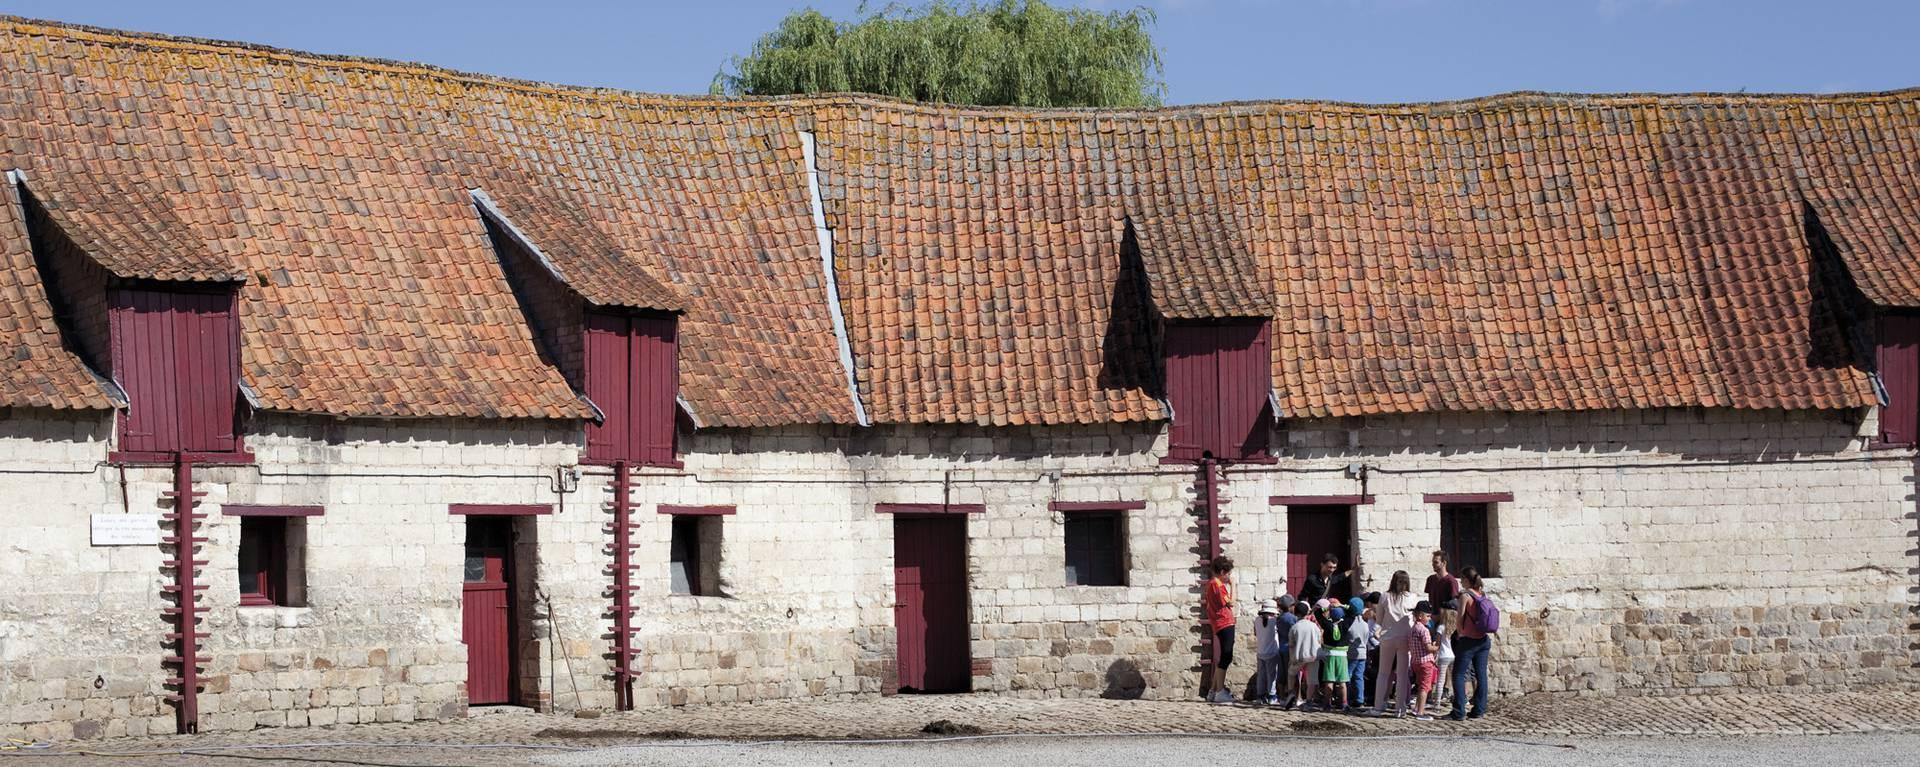 La basse-cour du château d'Olhain © Brigitte Baudesson